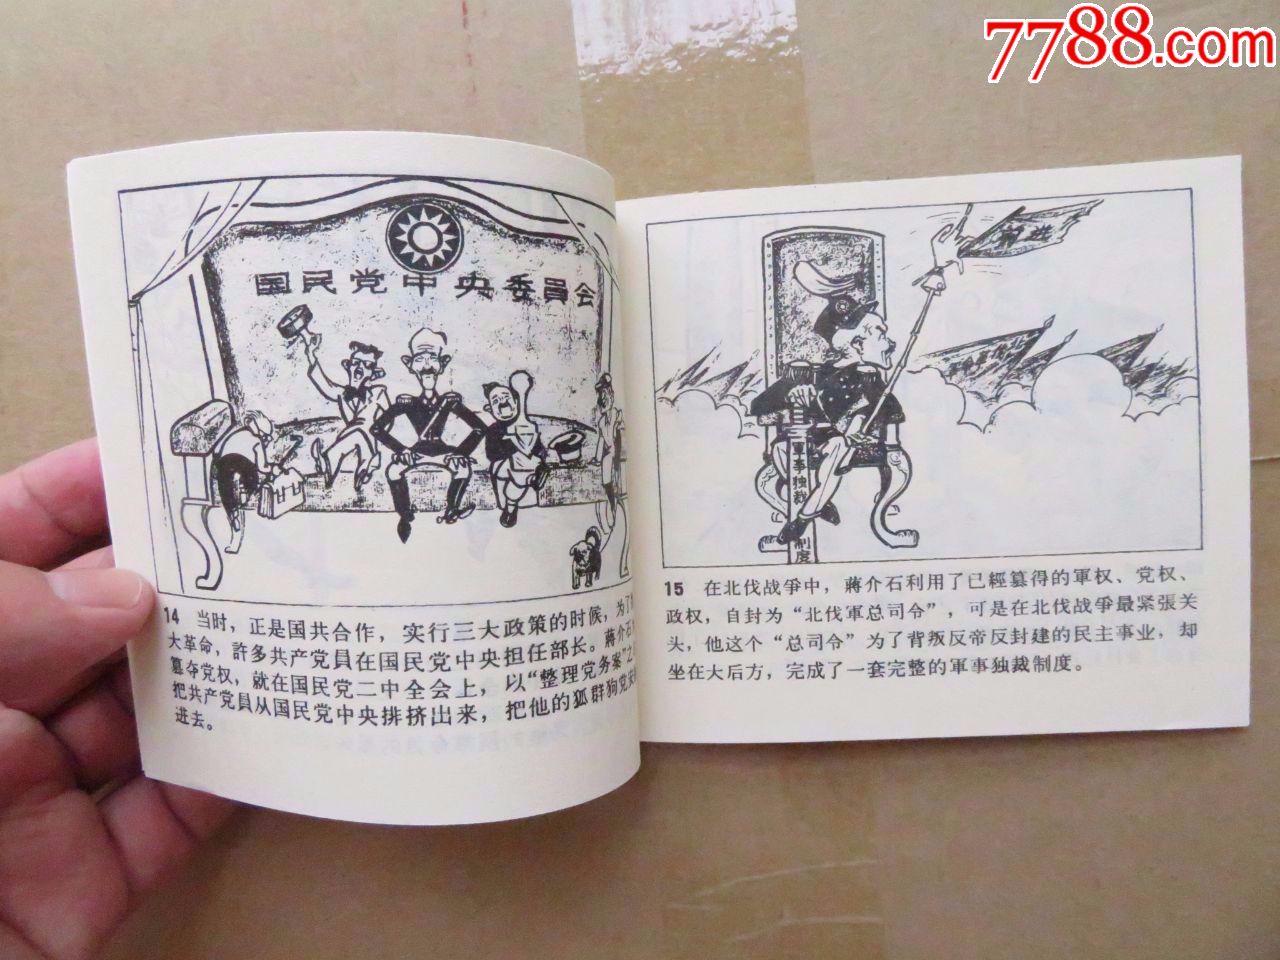 仿版,,人民公敌蒋介石_价格15元_第5张_